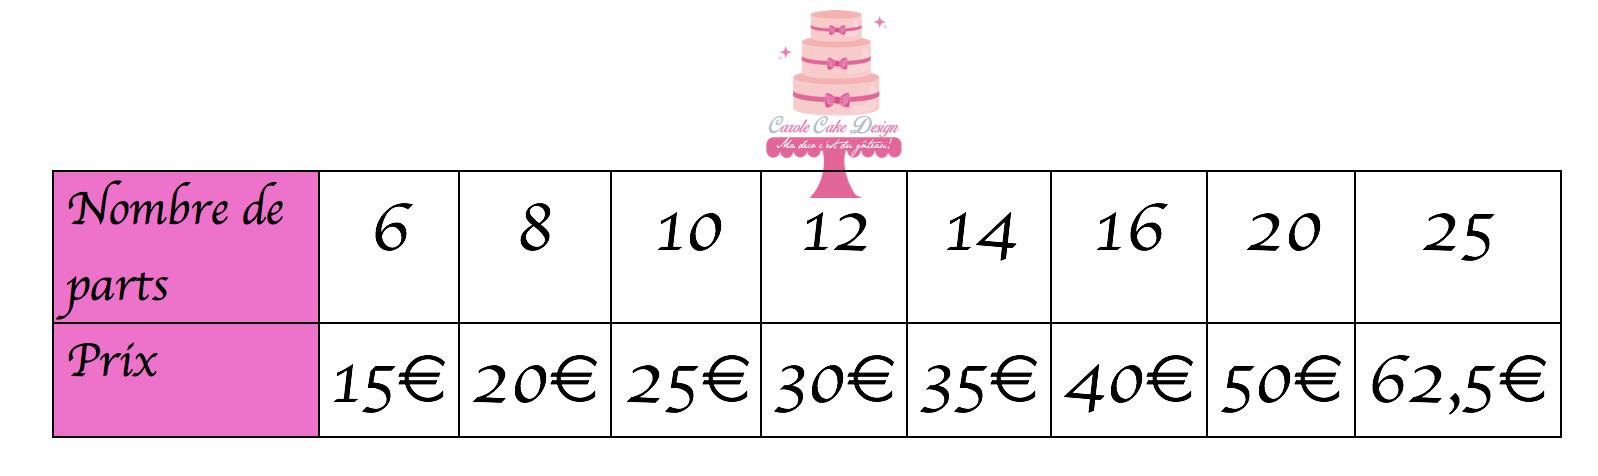 tarif gâteau festif